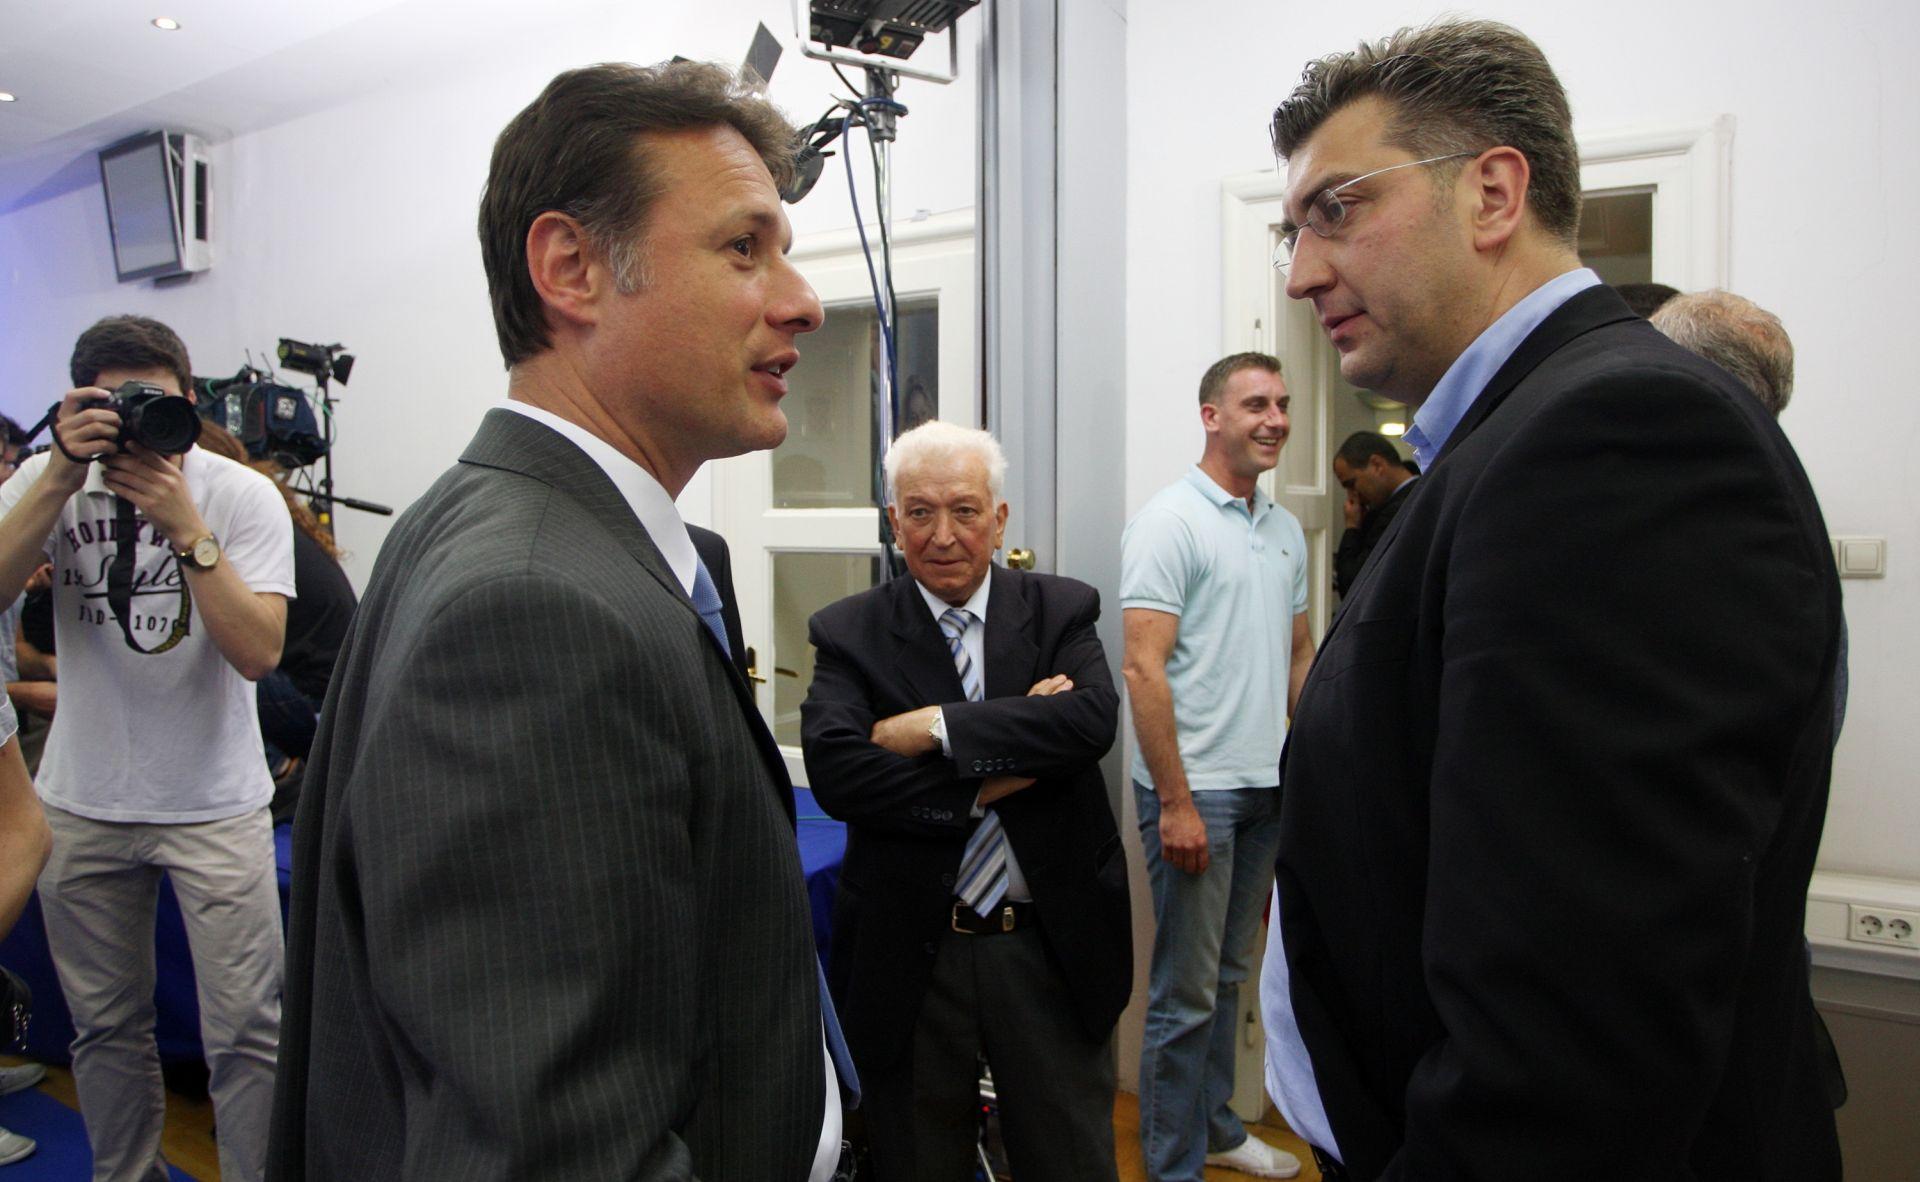 PREDSJEDNIŠTVO HDZ-a: Jandroković novi glavni tajnik, Stier politički, a Kovač ostaje međunarodni tajnik